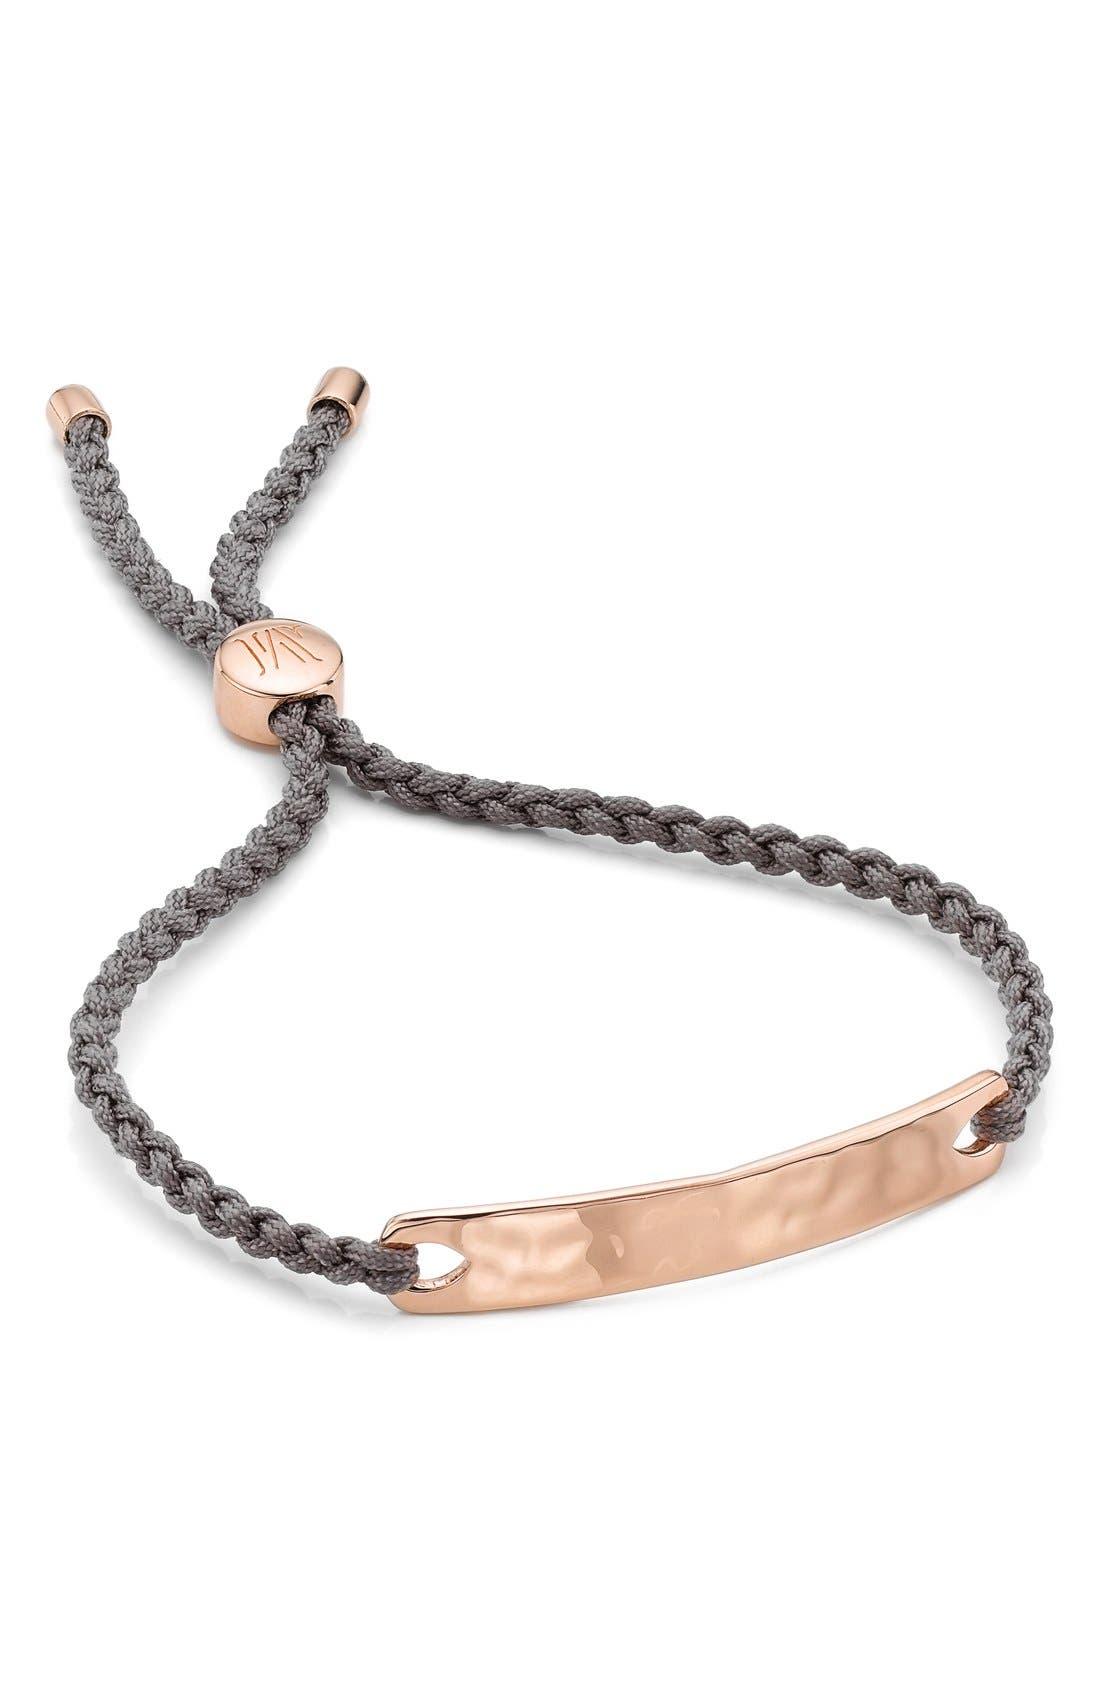 Engravable HavanaFriendship Bracelet,                             Main thumbnail 1, color,                             ROSE GOLD/ MINK